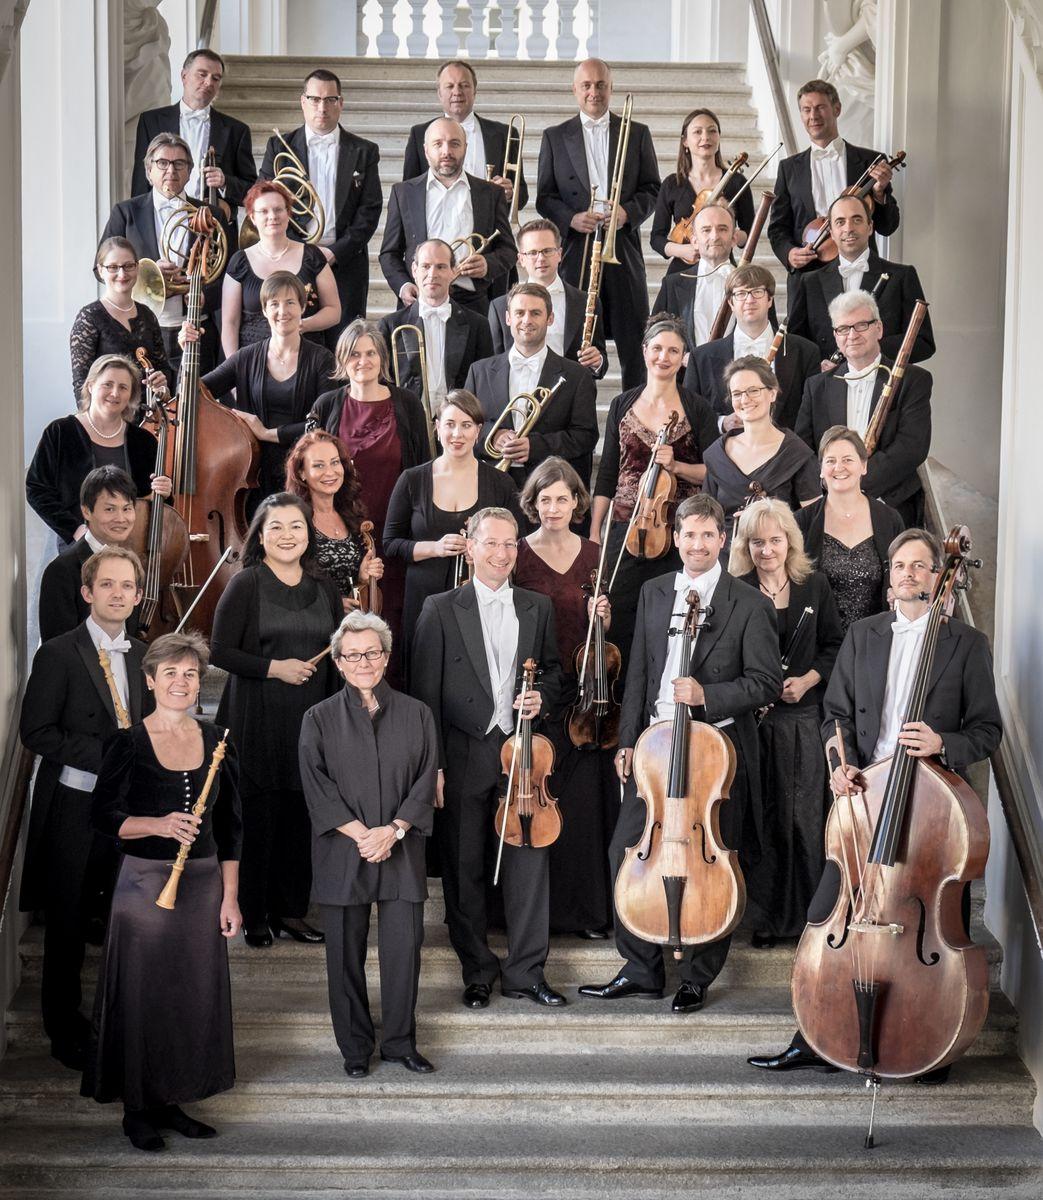 Bildergebnis für orfeo barockorchester